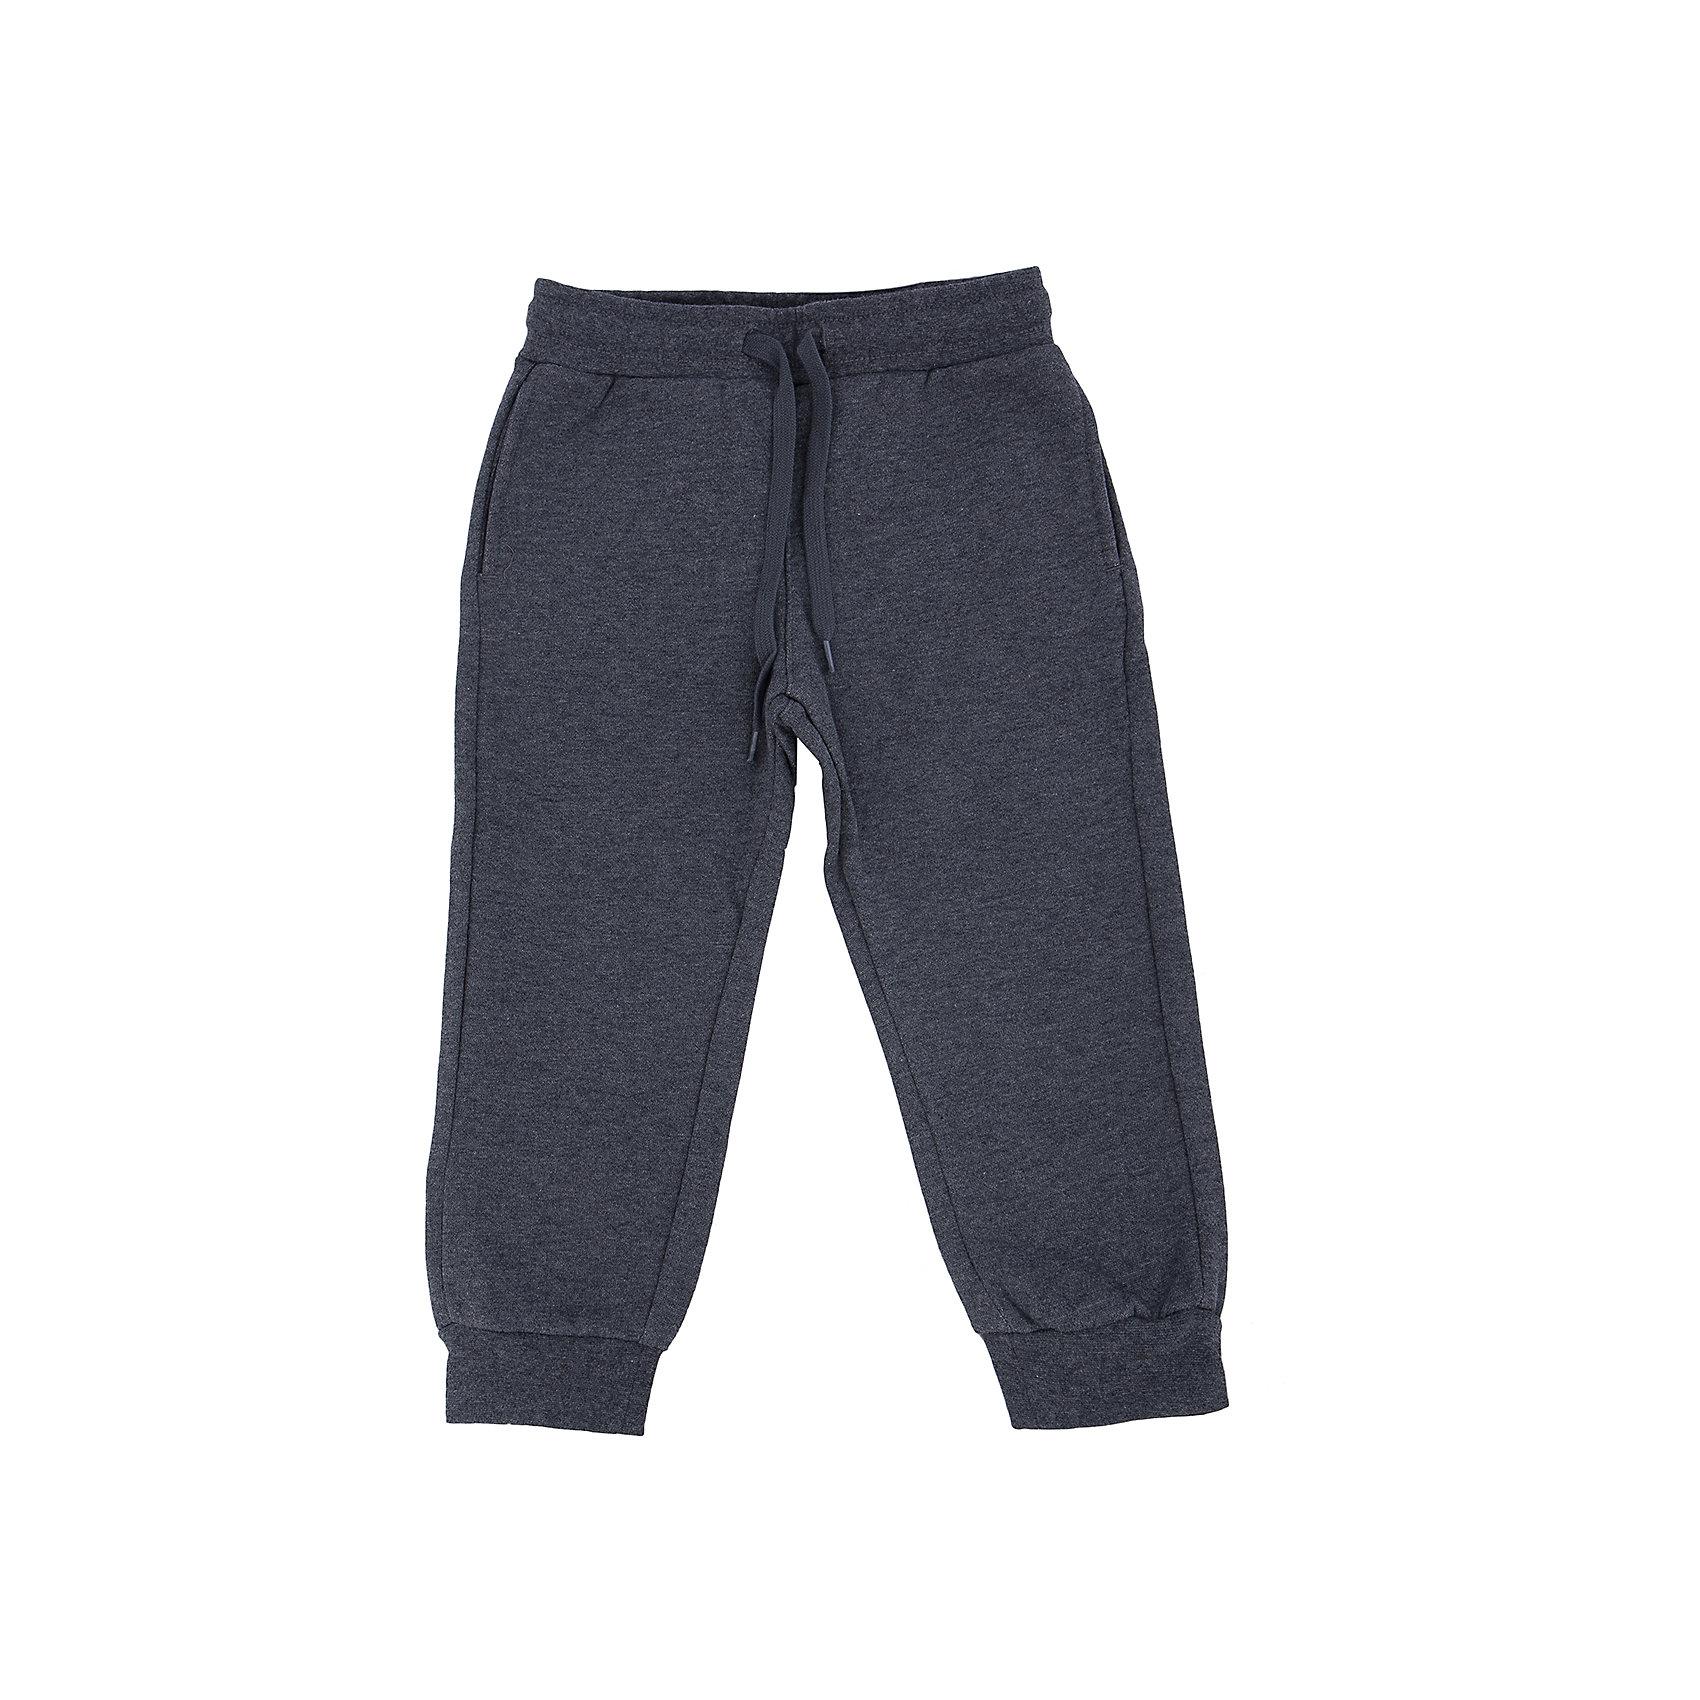 Брюки для мальчика SELAСпортивные брюки - незаменимая вещь в детском гардеробе. Эта модель отлично сидит на ребенке, она сшита из лекгкого материала, который обеспечивает ребенку комфорт. Модель станет отличной базовой вещью, которая будет уместна в различных сочетаниях.<br>Одежда от бренда Sela (Села) - это качество по приемлемым ценам. Многие российские родители уже оценили преимущества продукции этой компании и всё чаще приобретают одежду и аксессуары Sela.<br><br>Дополнительная информация:<br><br>материал: 100% хлопок;<br>удобная посадка;<br>резинка и шнурок в поясе.<br><br>Брюки для мальчика от бренда Sela можно купить в нашем интернет-магазине.<br><br>Ширина мм: 215<br>Глубина мм: 88<br>Высота мм: 191<br>Вес г: 336<br>Цвет: серый<br>Возраст от месяцев: 60<br>Возраст до месяцев: 72<br>Пол: Мужской<br>Возраст: Детский<br>Размер: 116,92,110,104,98<br>SKU: 4883645